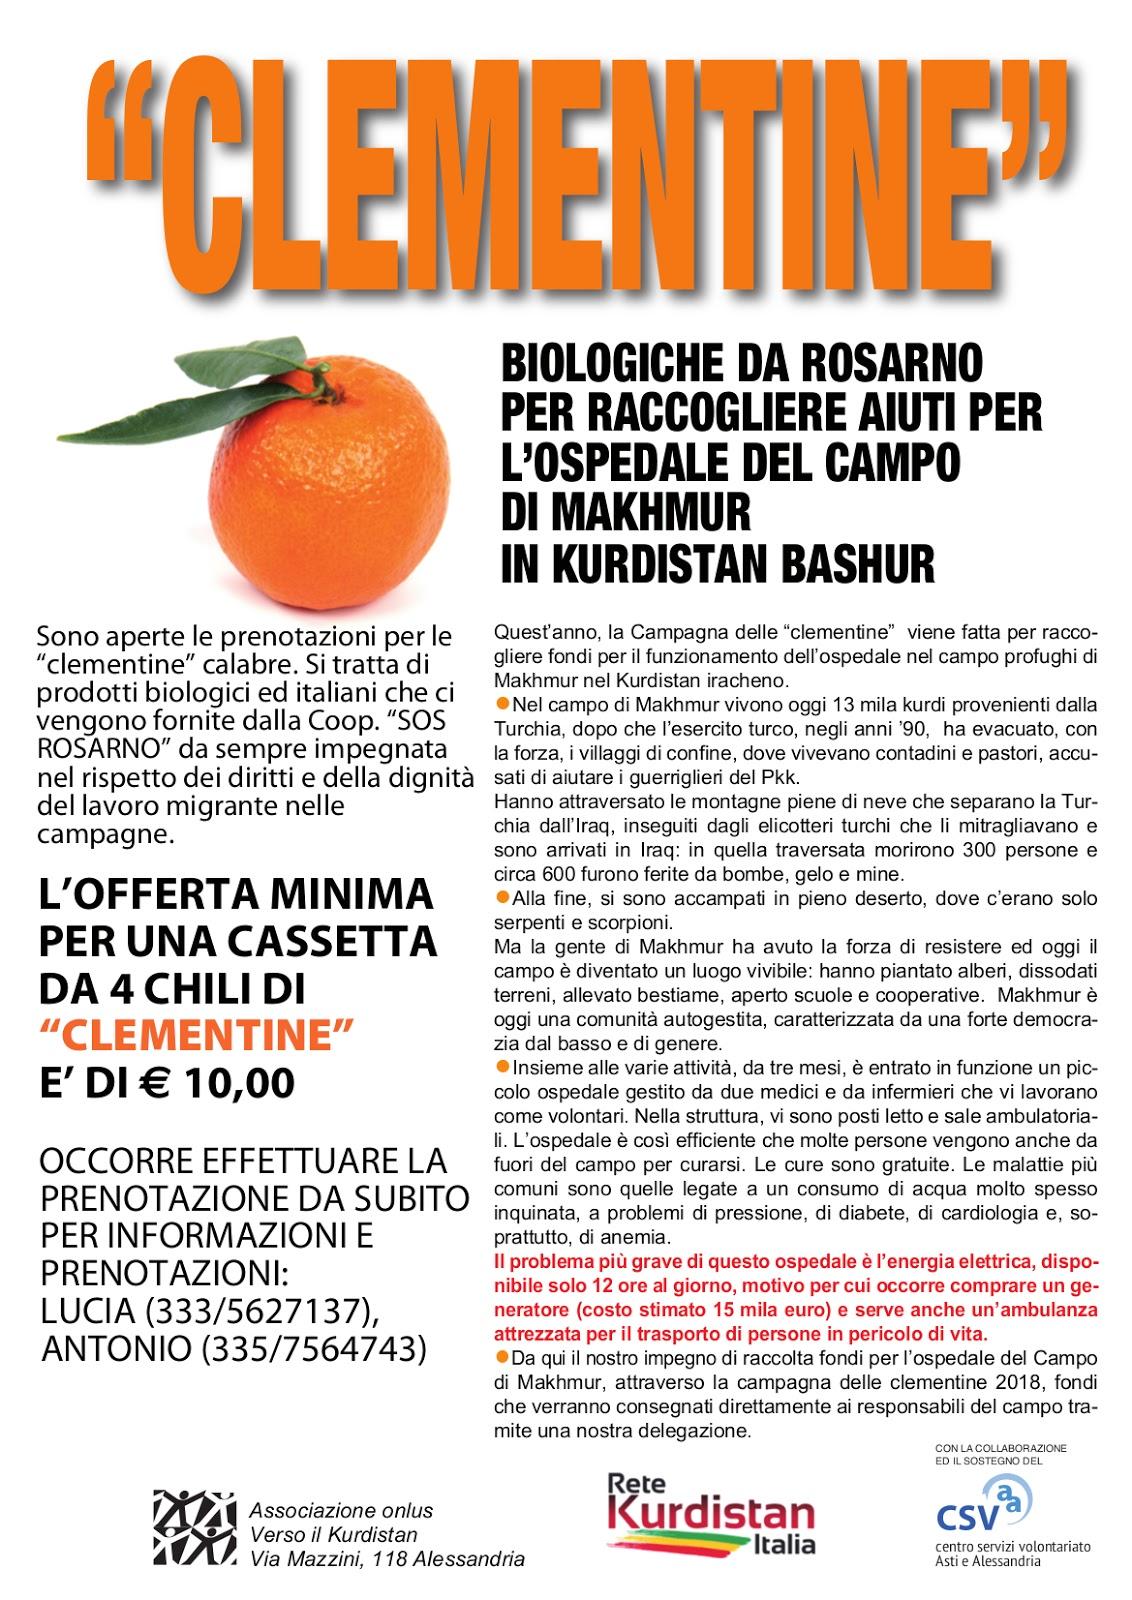 Campagna delle Clementine 2018 – Verso il Kurdistan